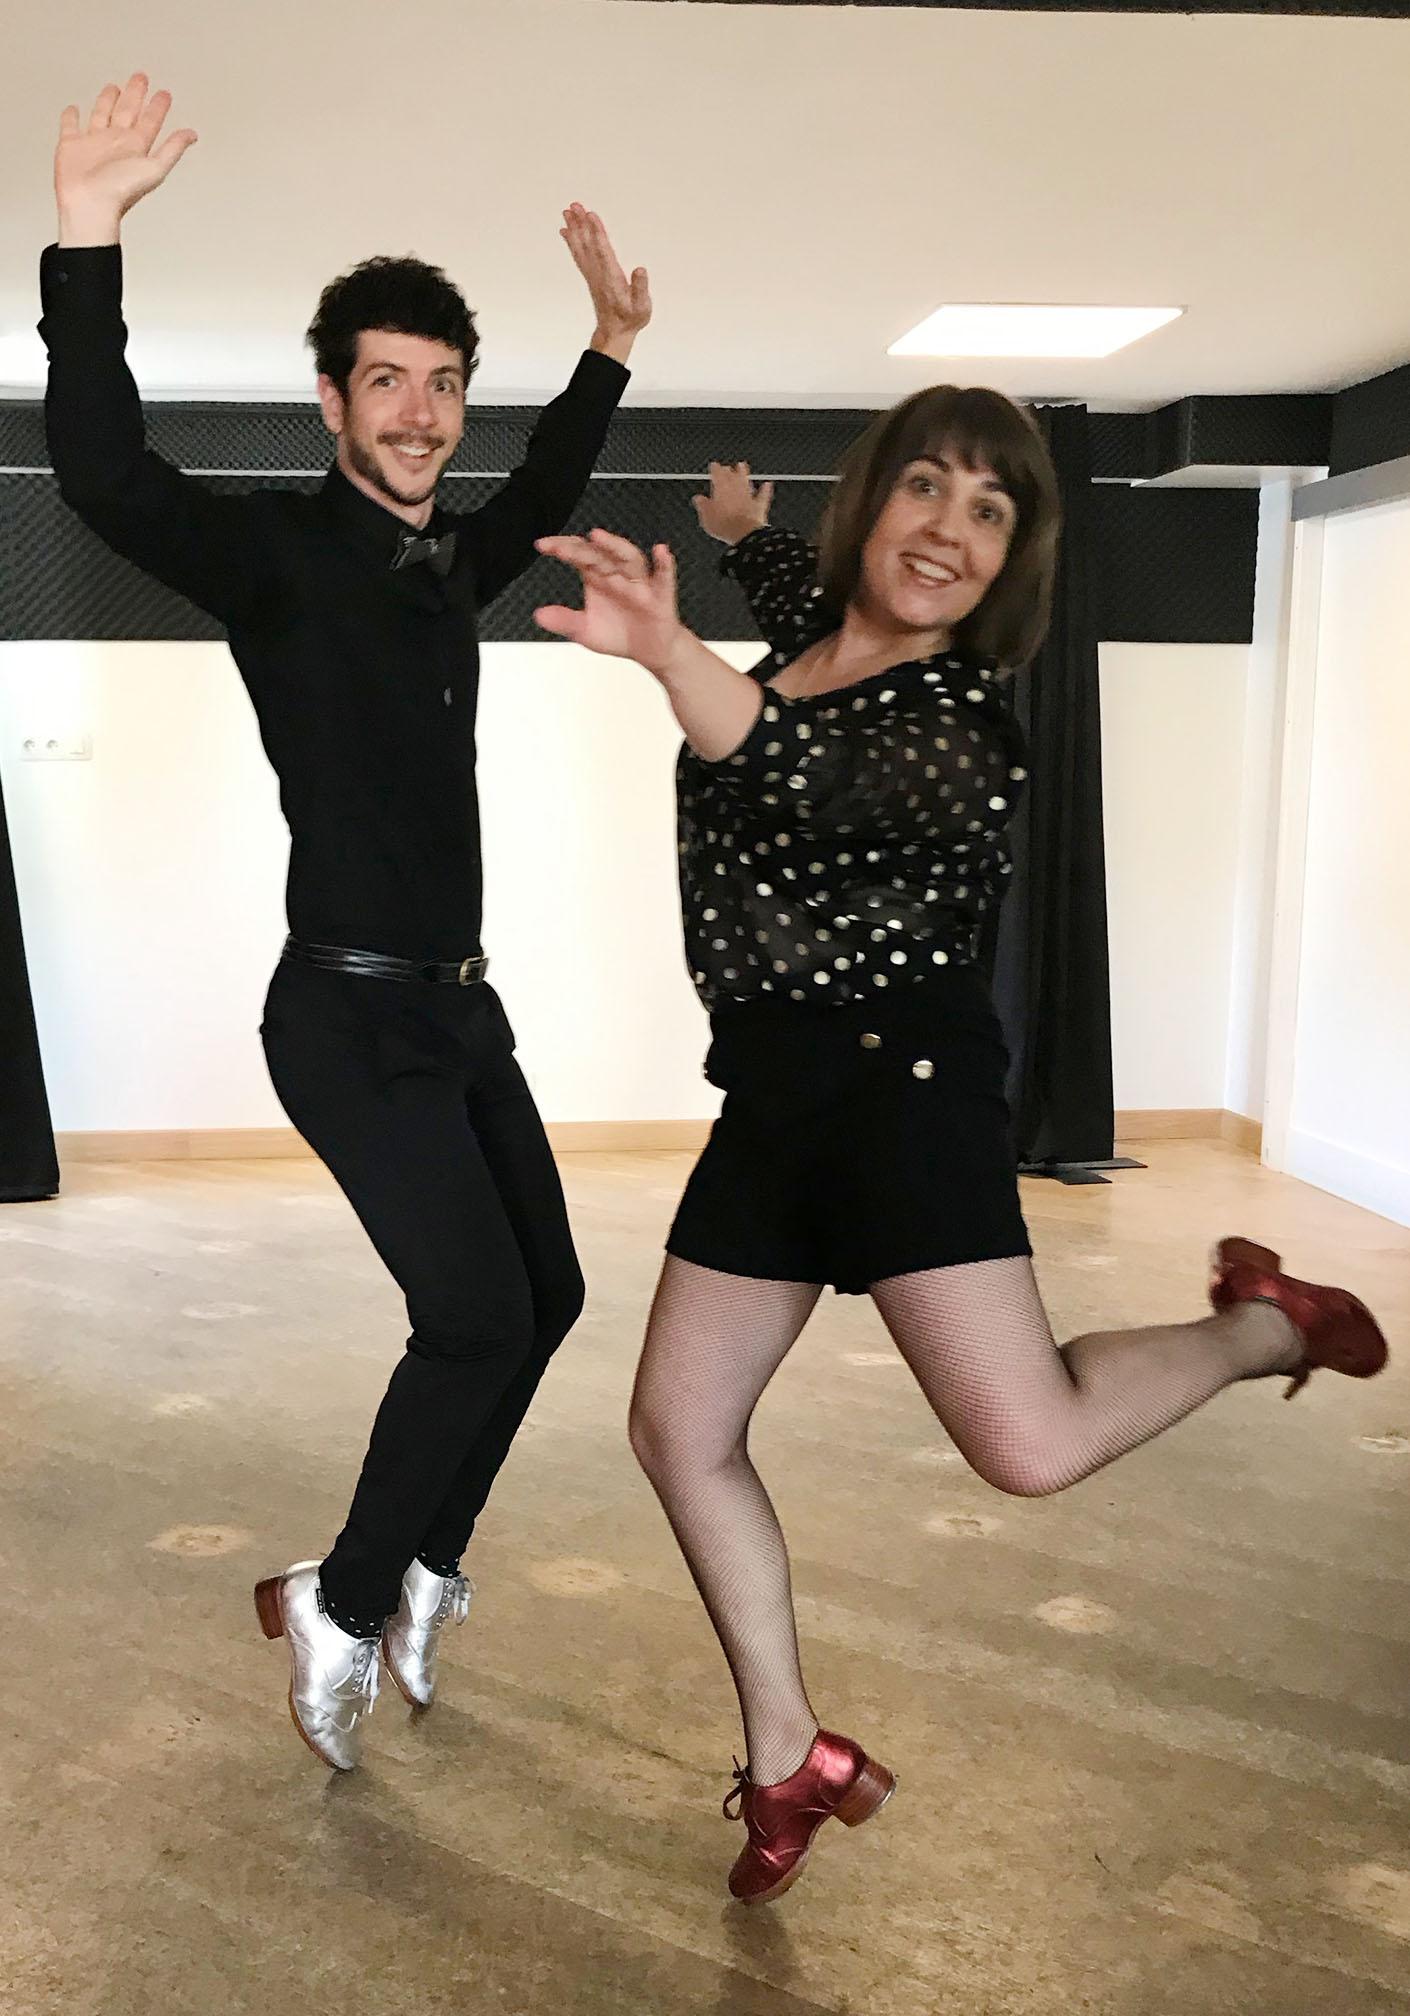 Sandrine Gautier et David Pisani, les professeurs de Claquettes américaines - Les Claquettes associées